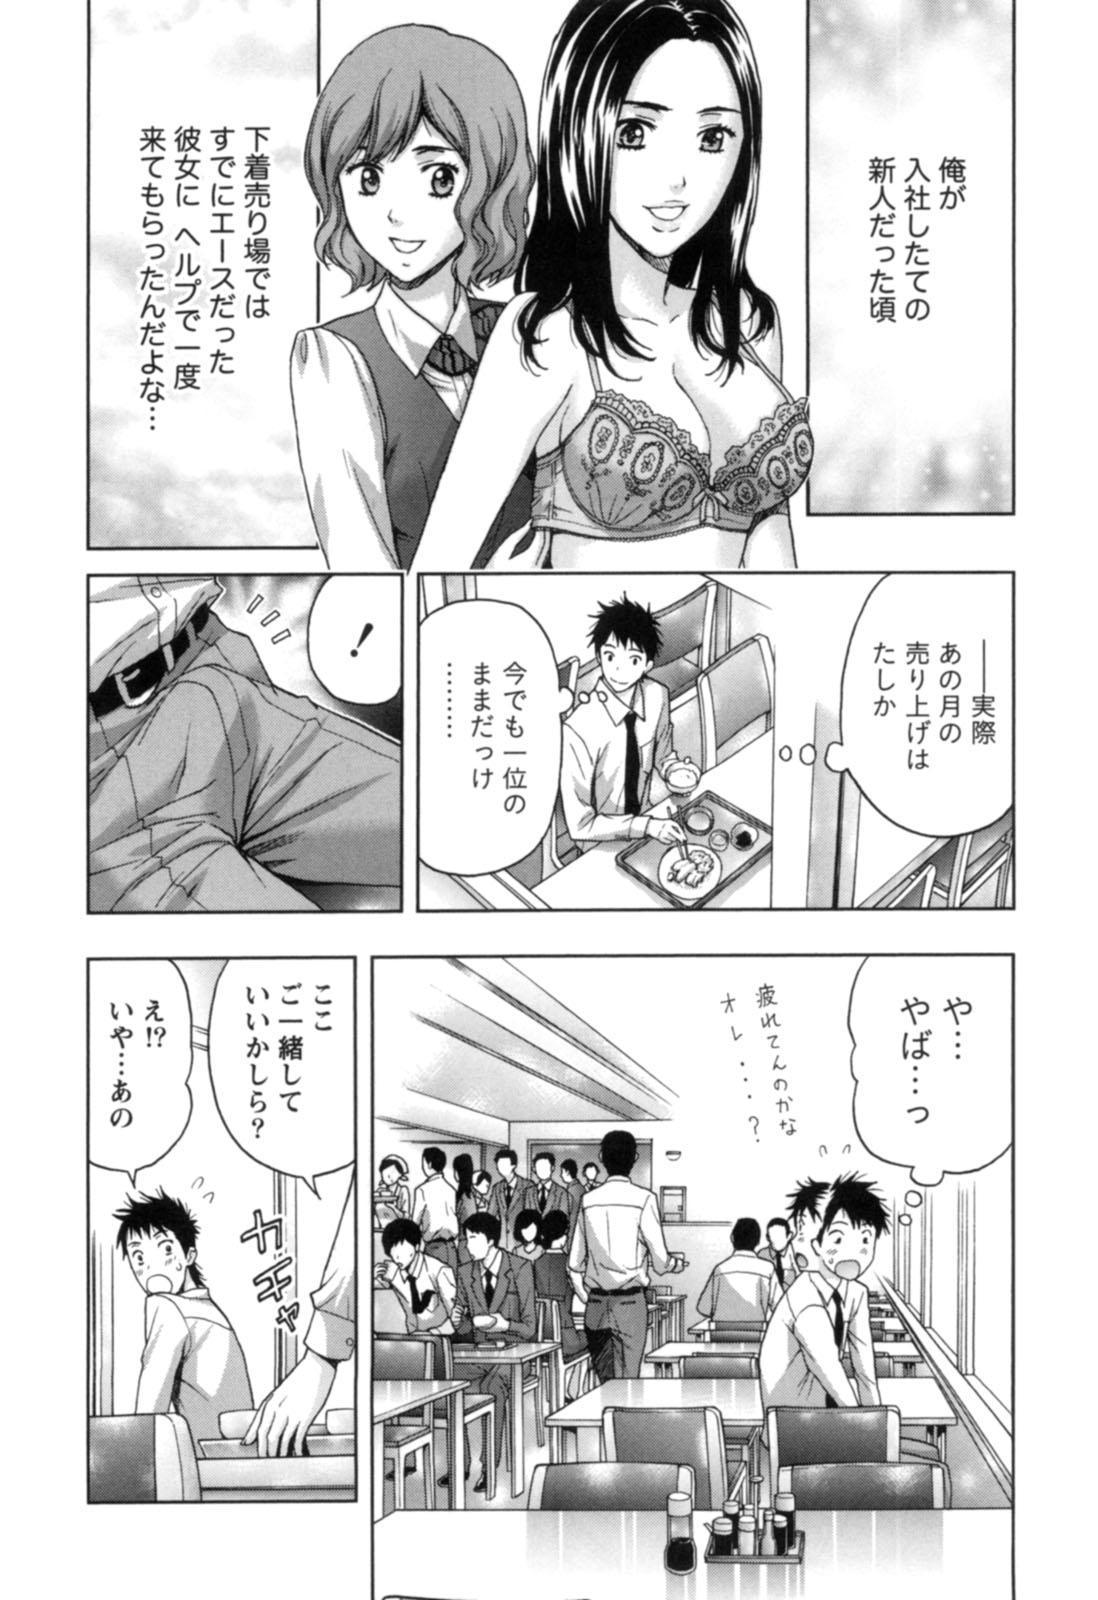 Nukumori Jou no Binkan Lesson 98